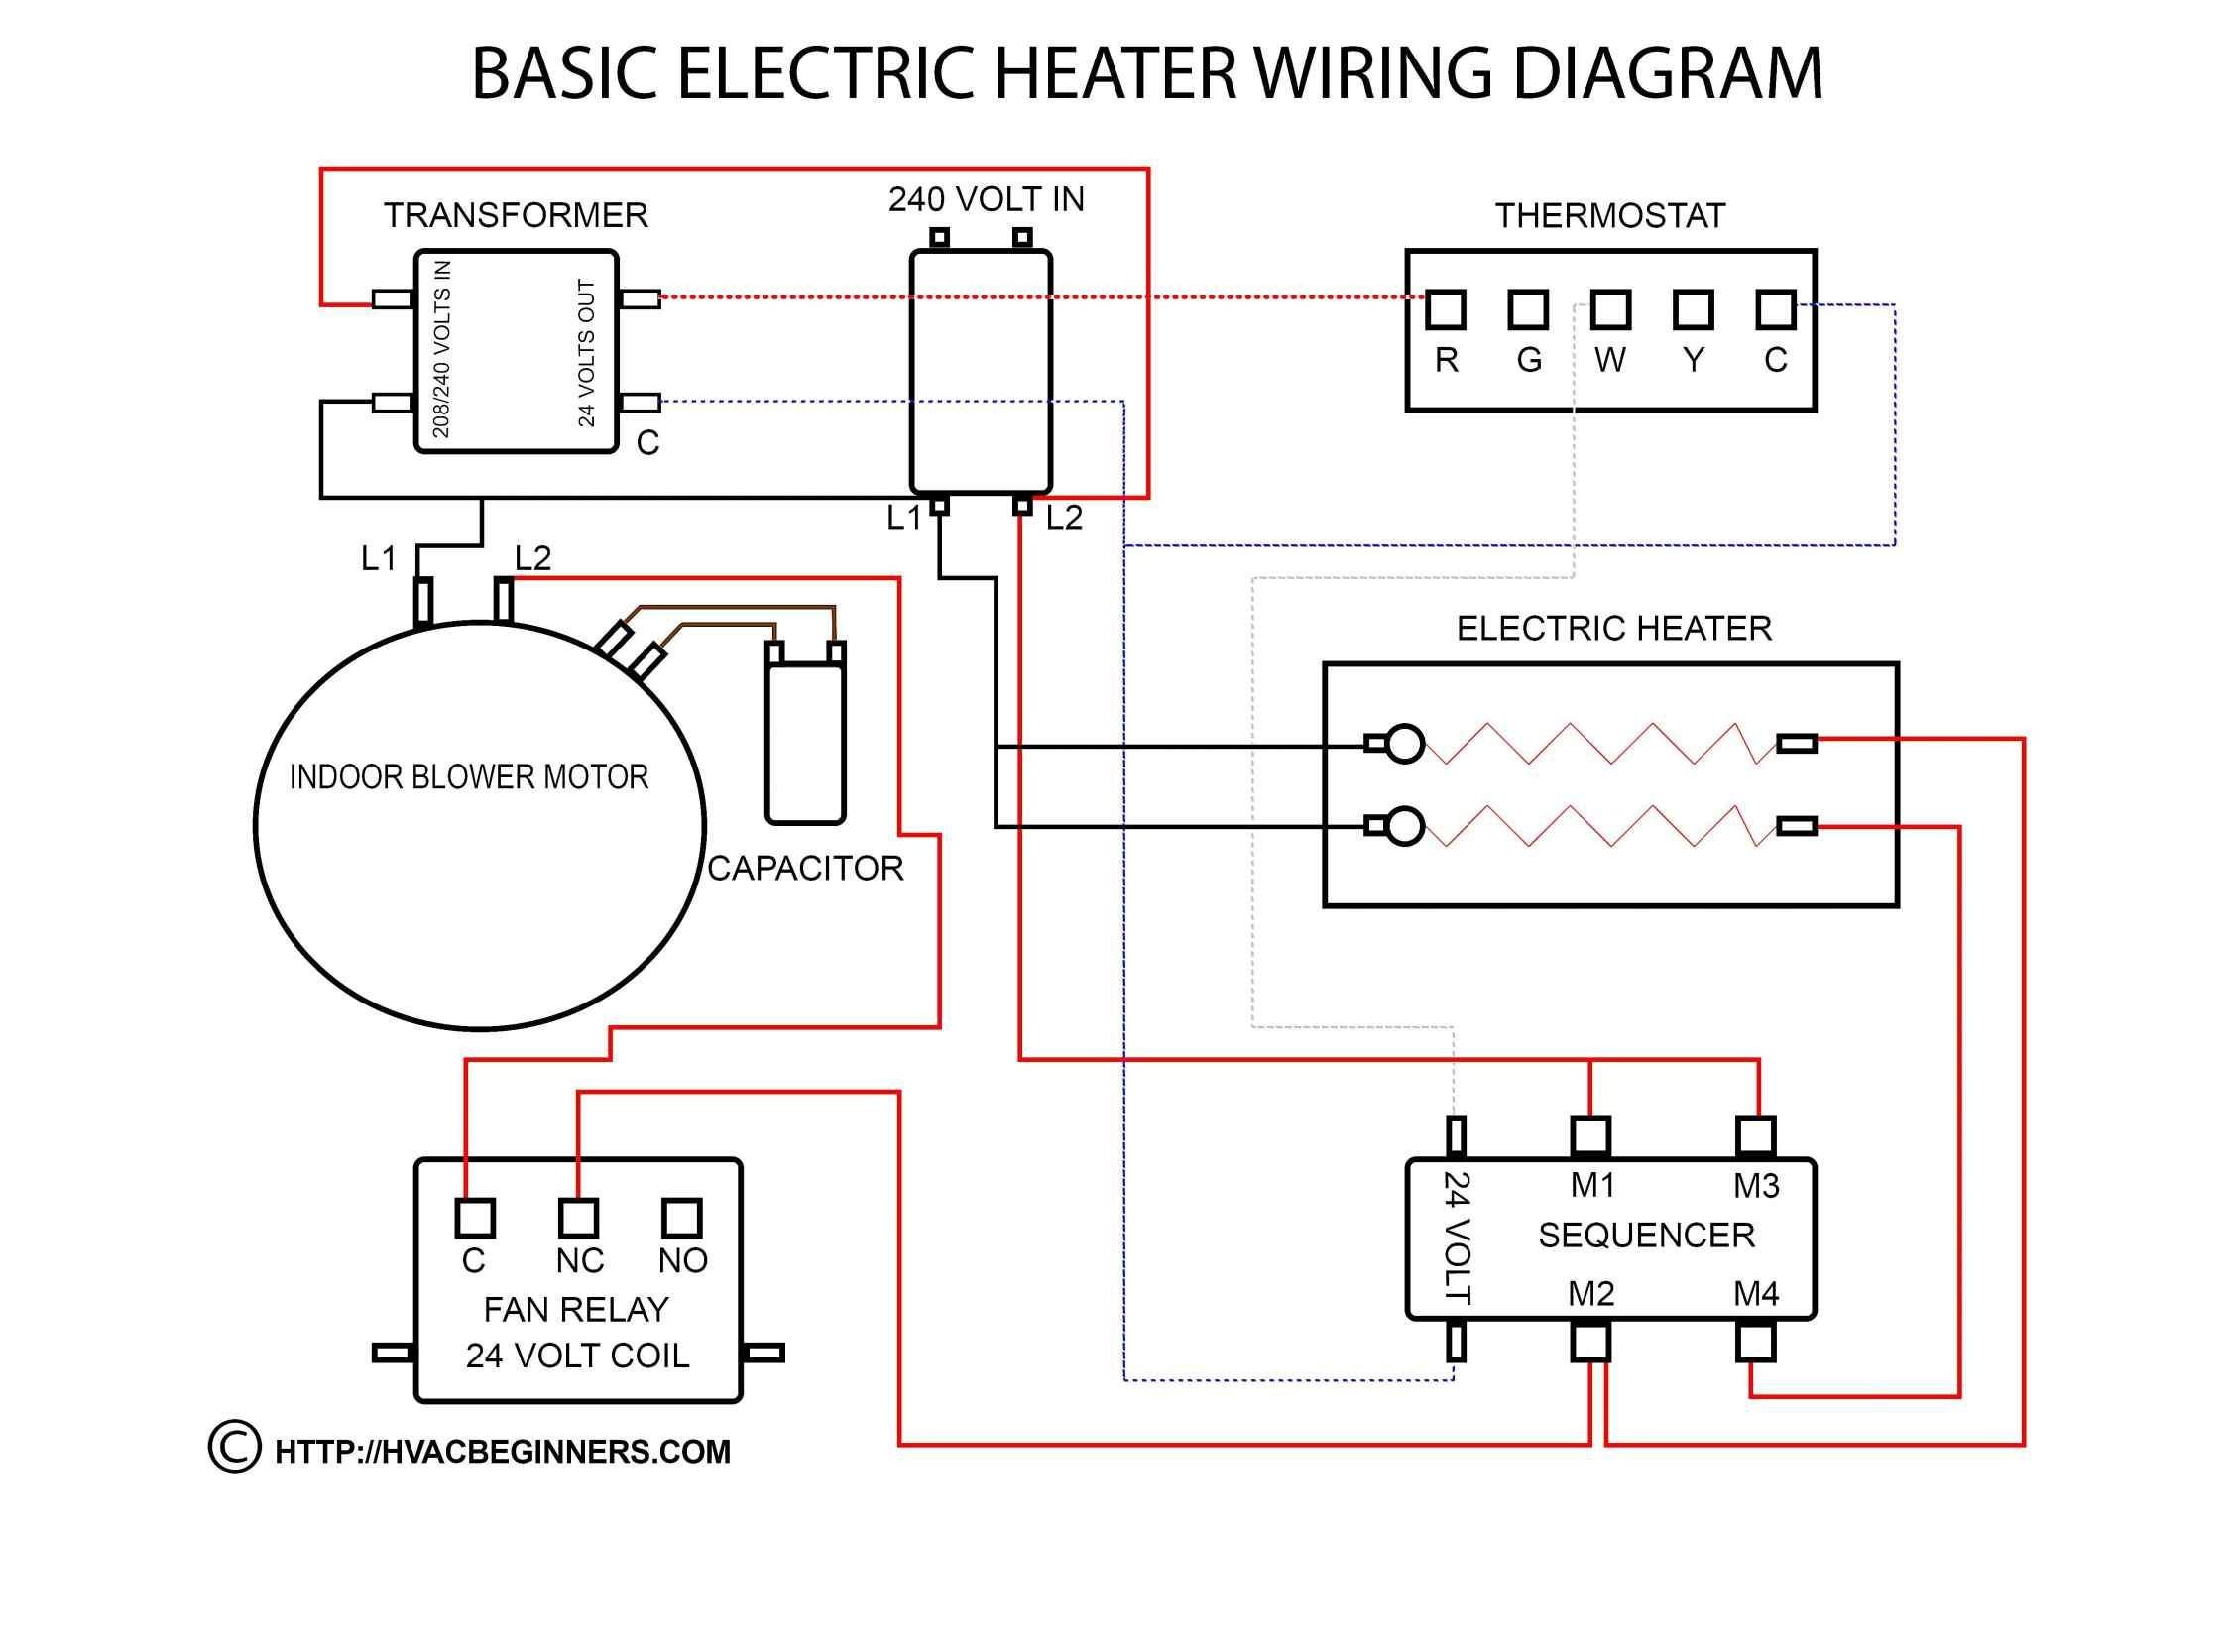 Rv Water Tank Wiring Diagram   Wiring Diagram - Electric Hot Water Heater Wiring Diagram